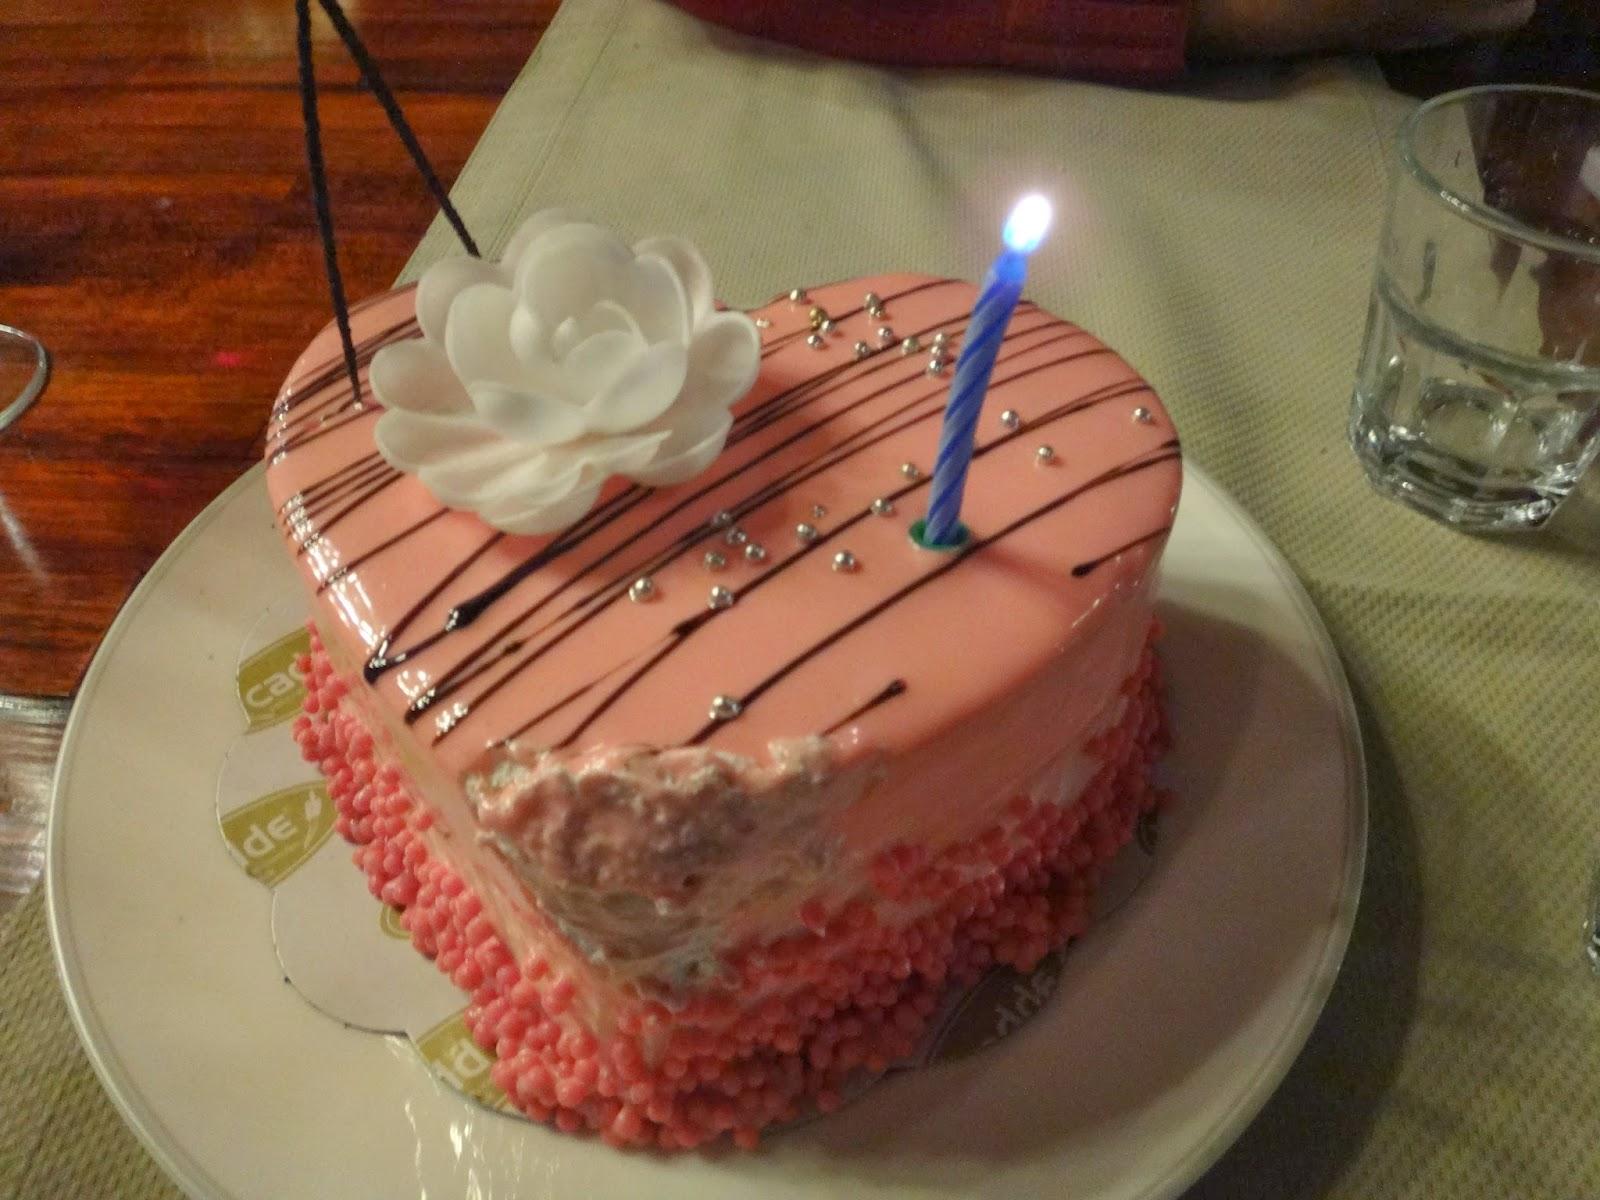 Doğum günü sürprizi, sürpriz, ne yapsam, hediye, erkeğe sürpriz, sevgilime sürpriz, kutlama, kazdağları, çetmihan, kocaya, sevgiliye, ne yapsam, şaşırtmak, gezi, otel , tavsiye, assos, zeus altarı, zeus, akçay